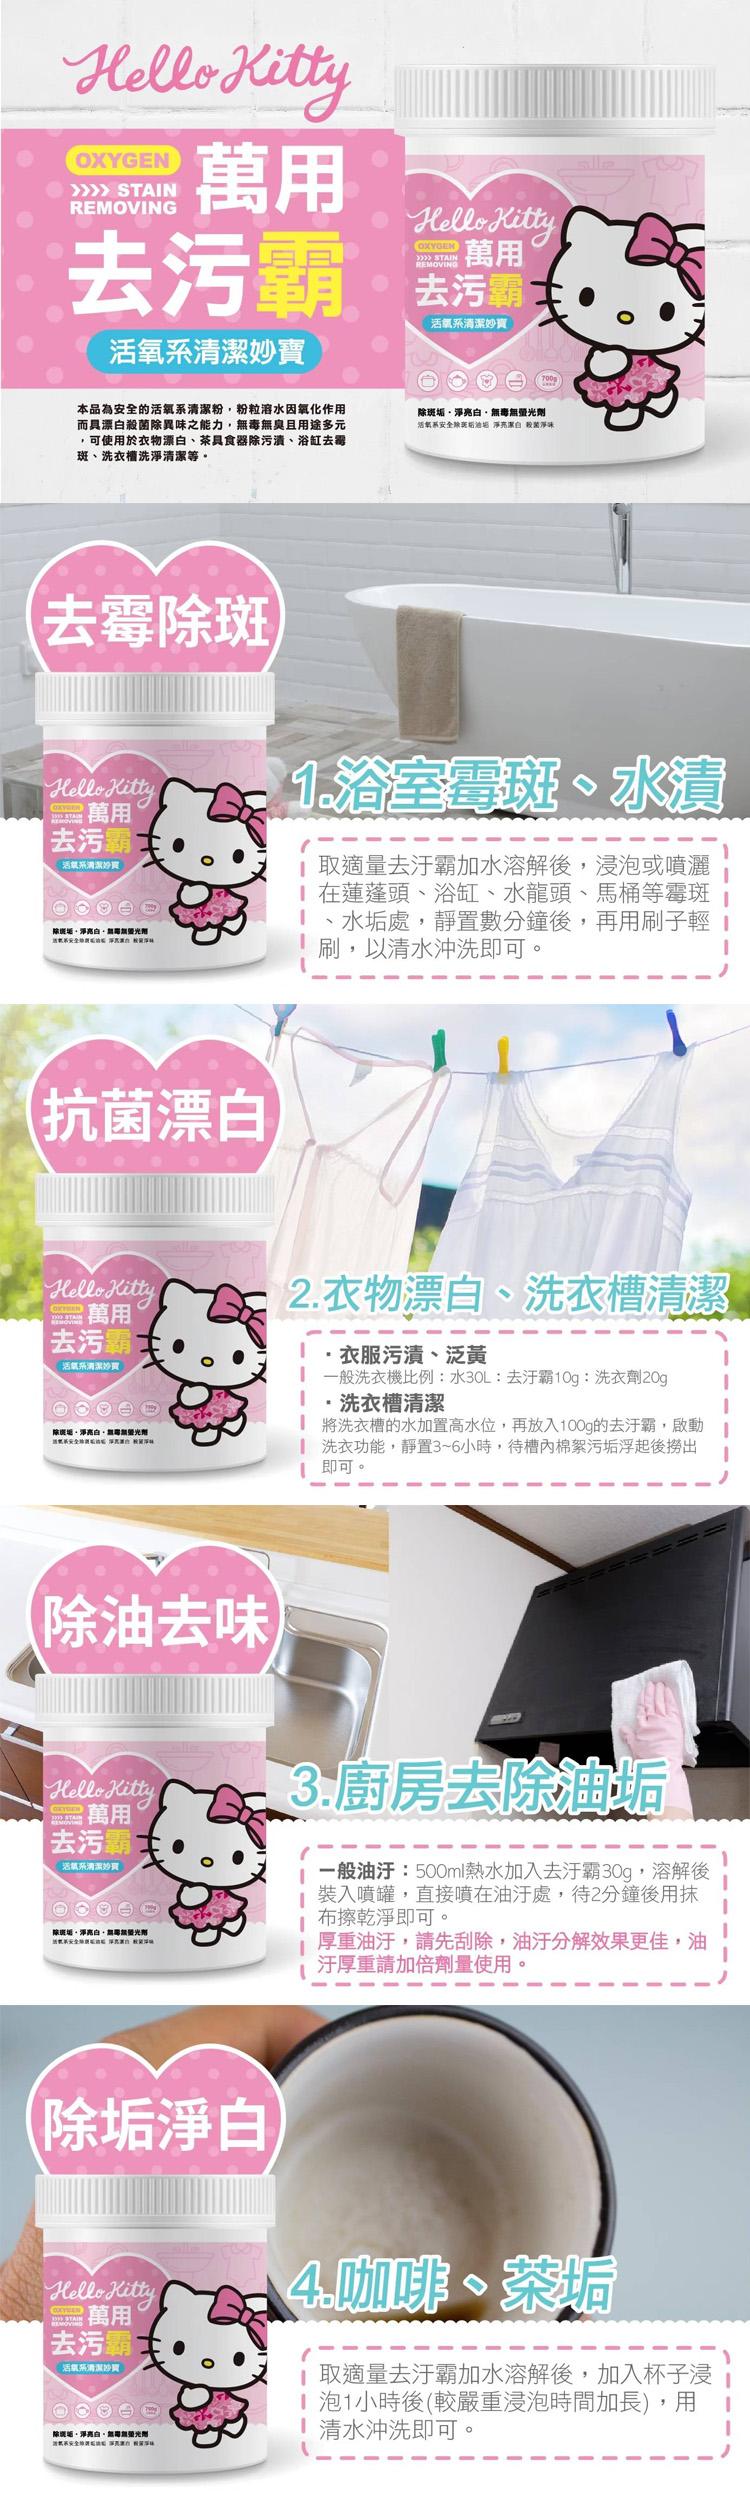 除臭 清潔劑 日本 清潔劑 廚房 清潔劑